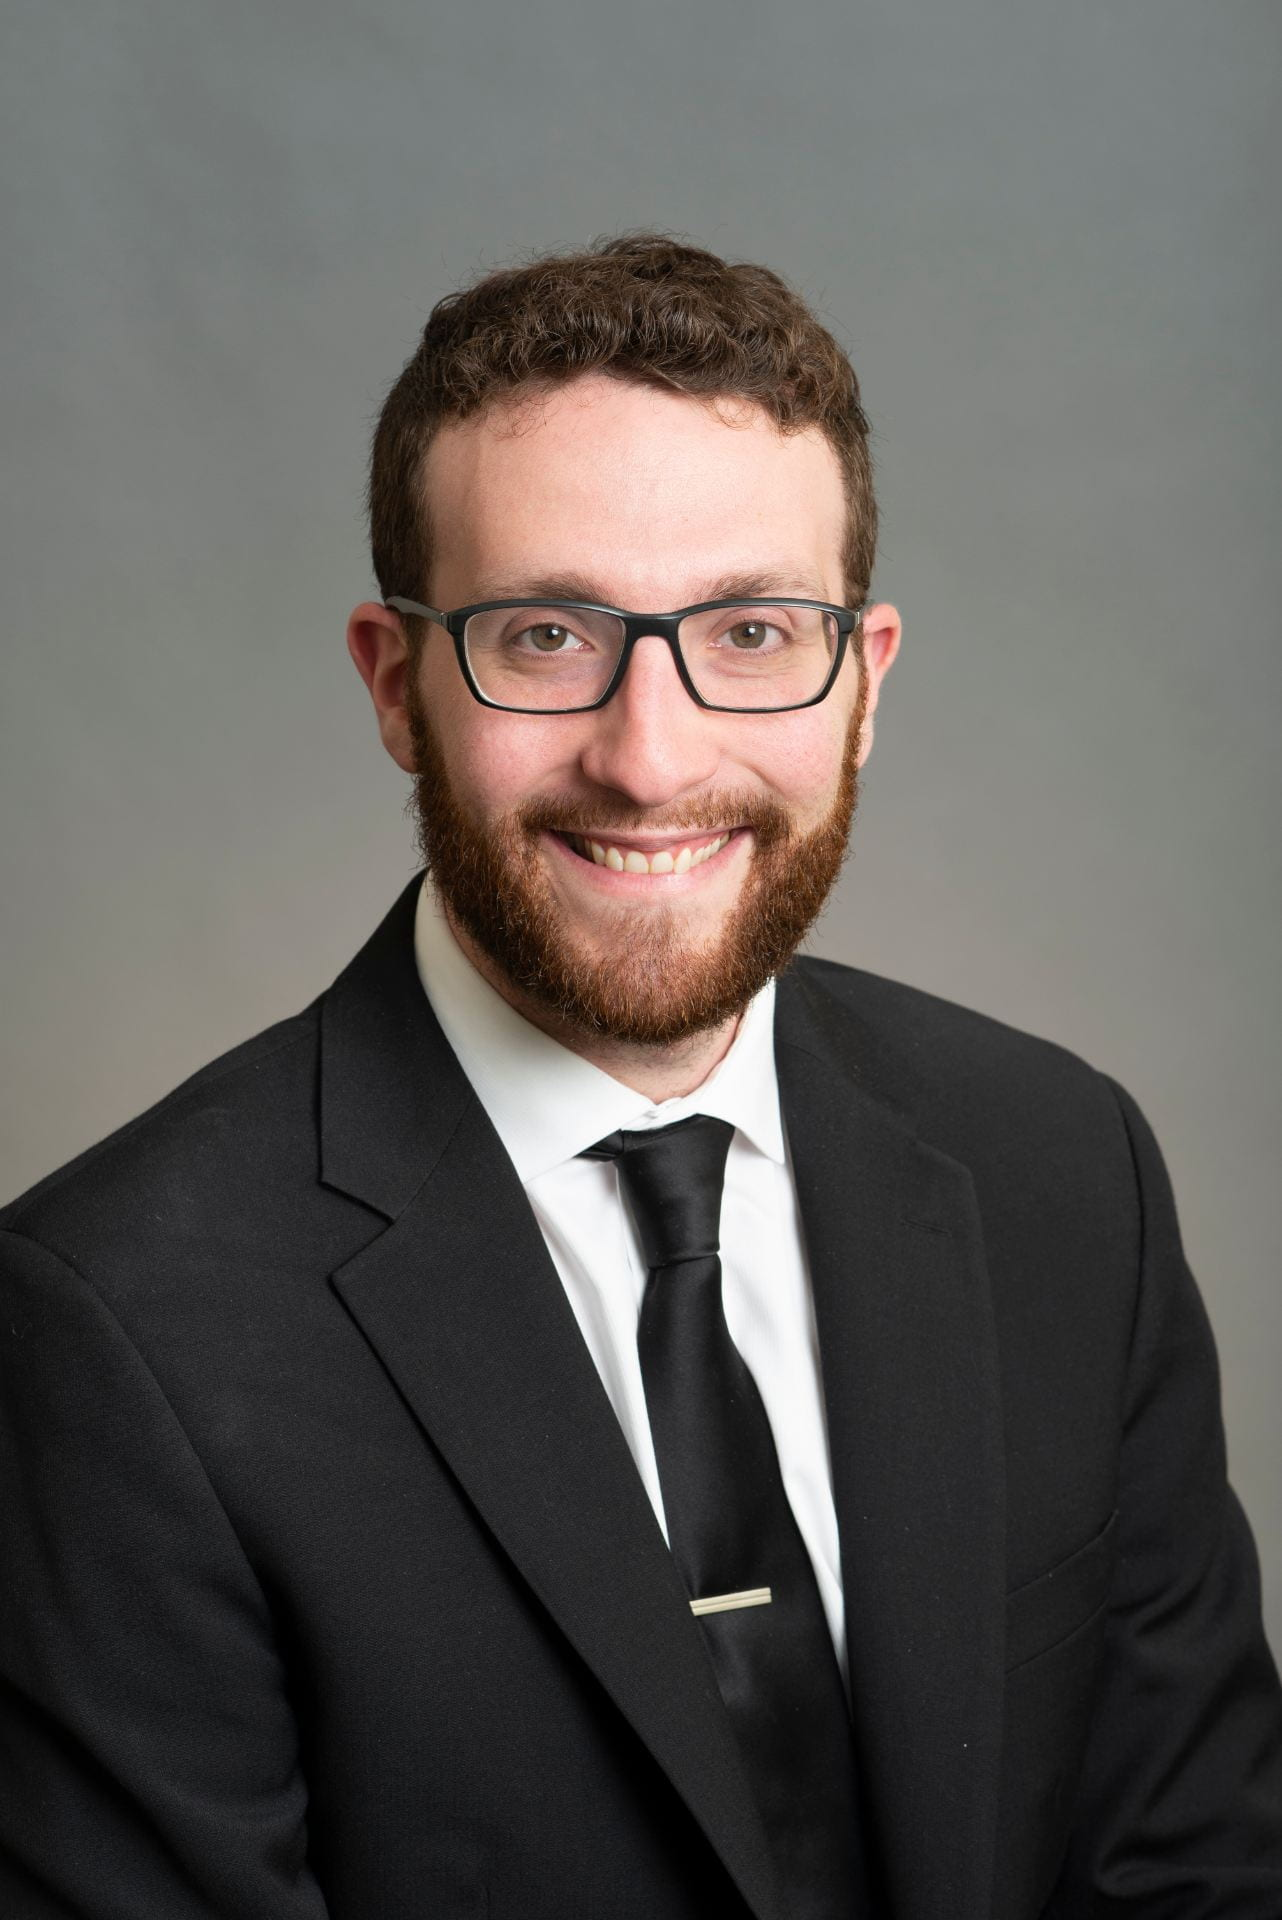 Ethan Barr